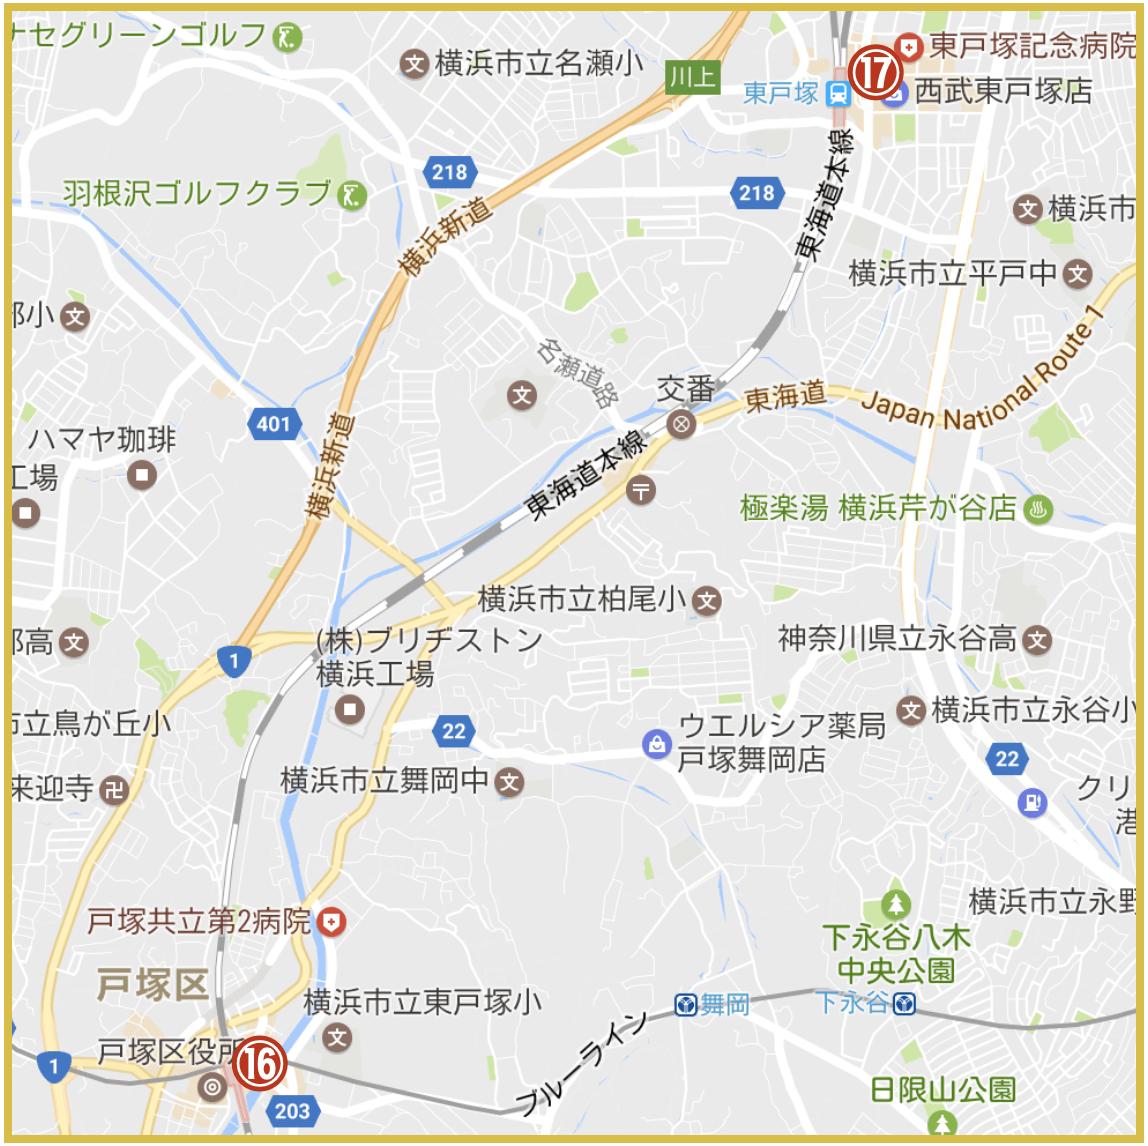 横浜市戸塚区にあるアコム店舗・ATMの位置 (2020年8月版)